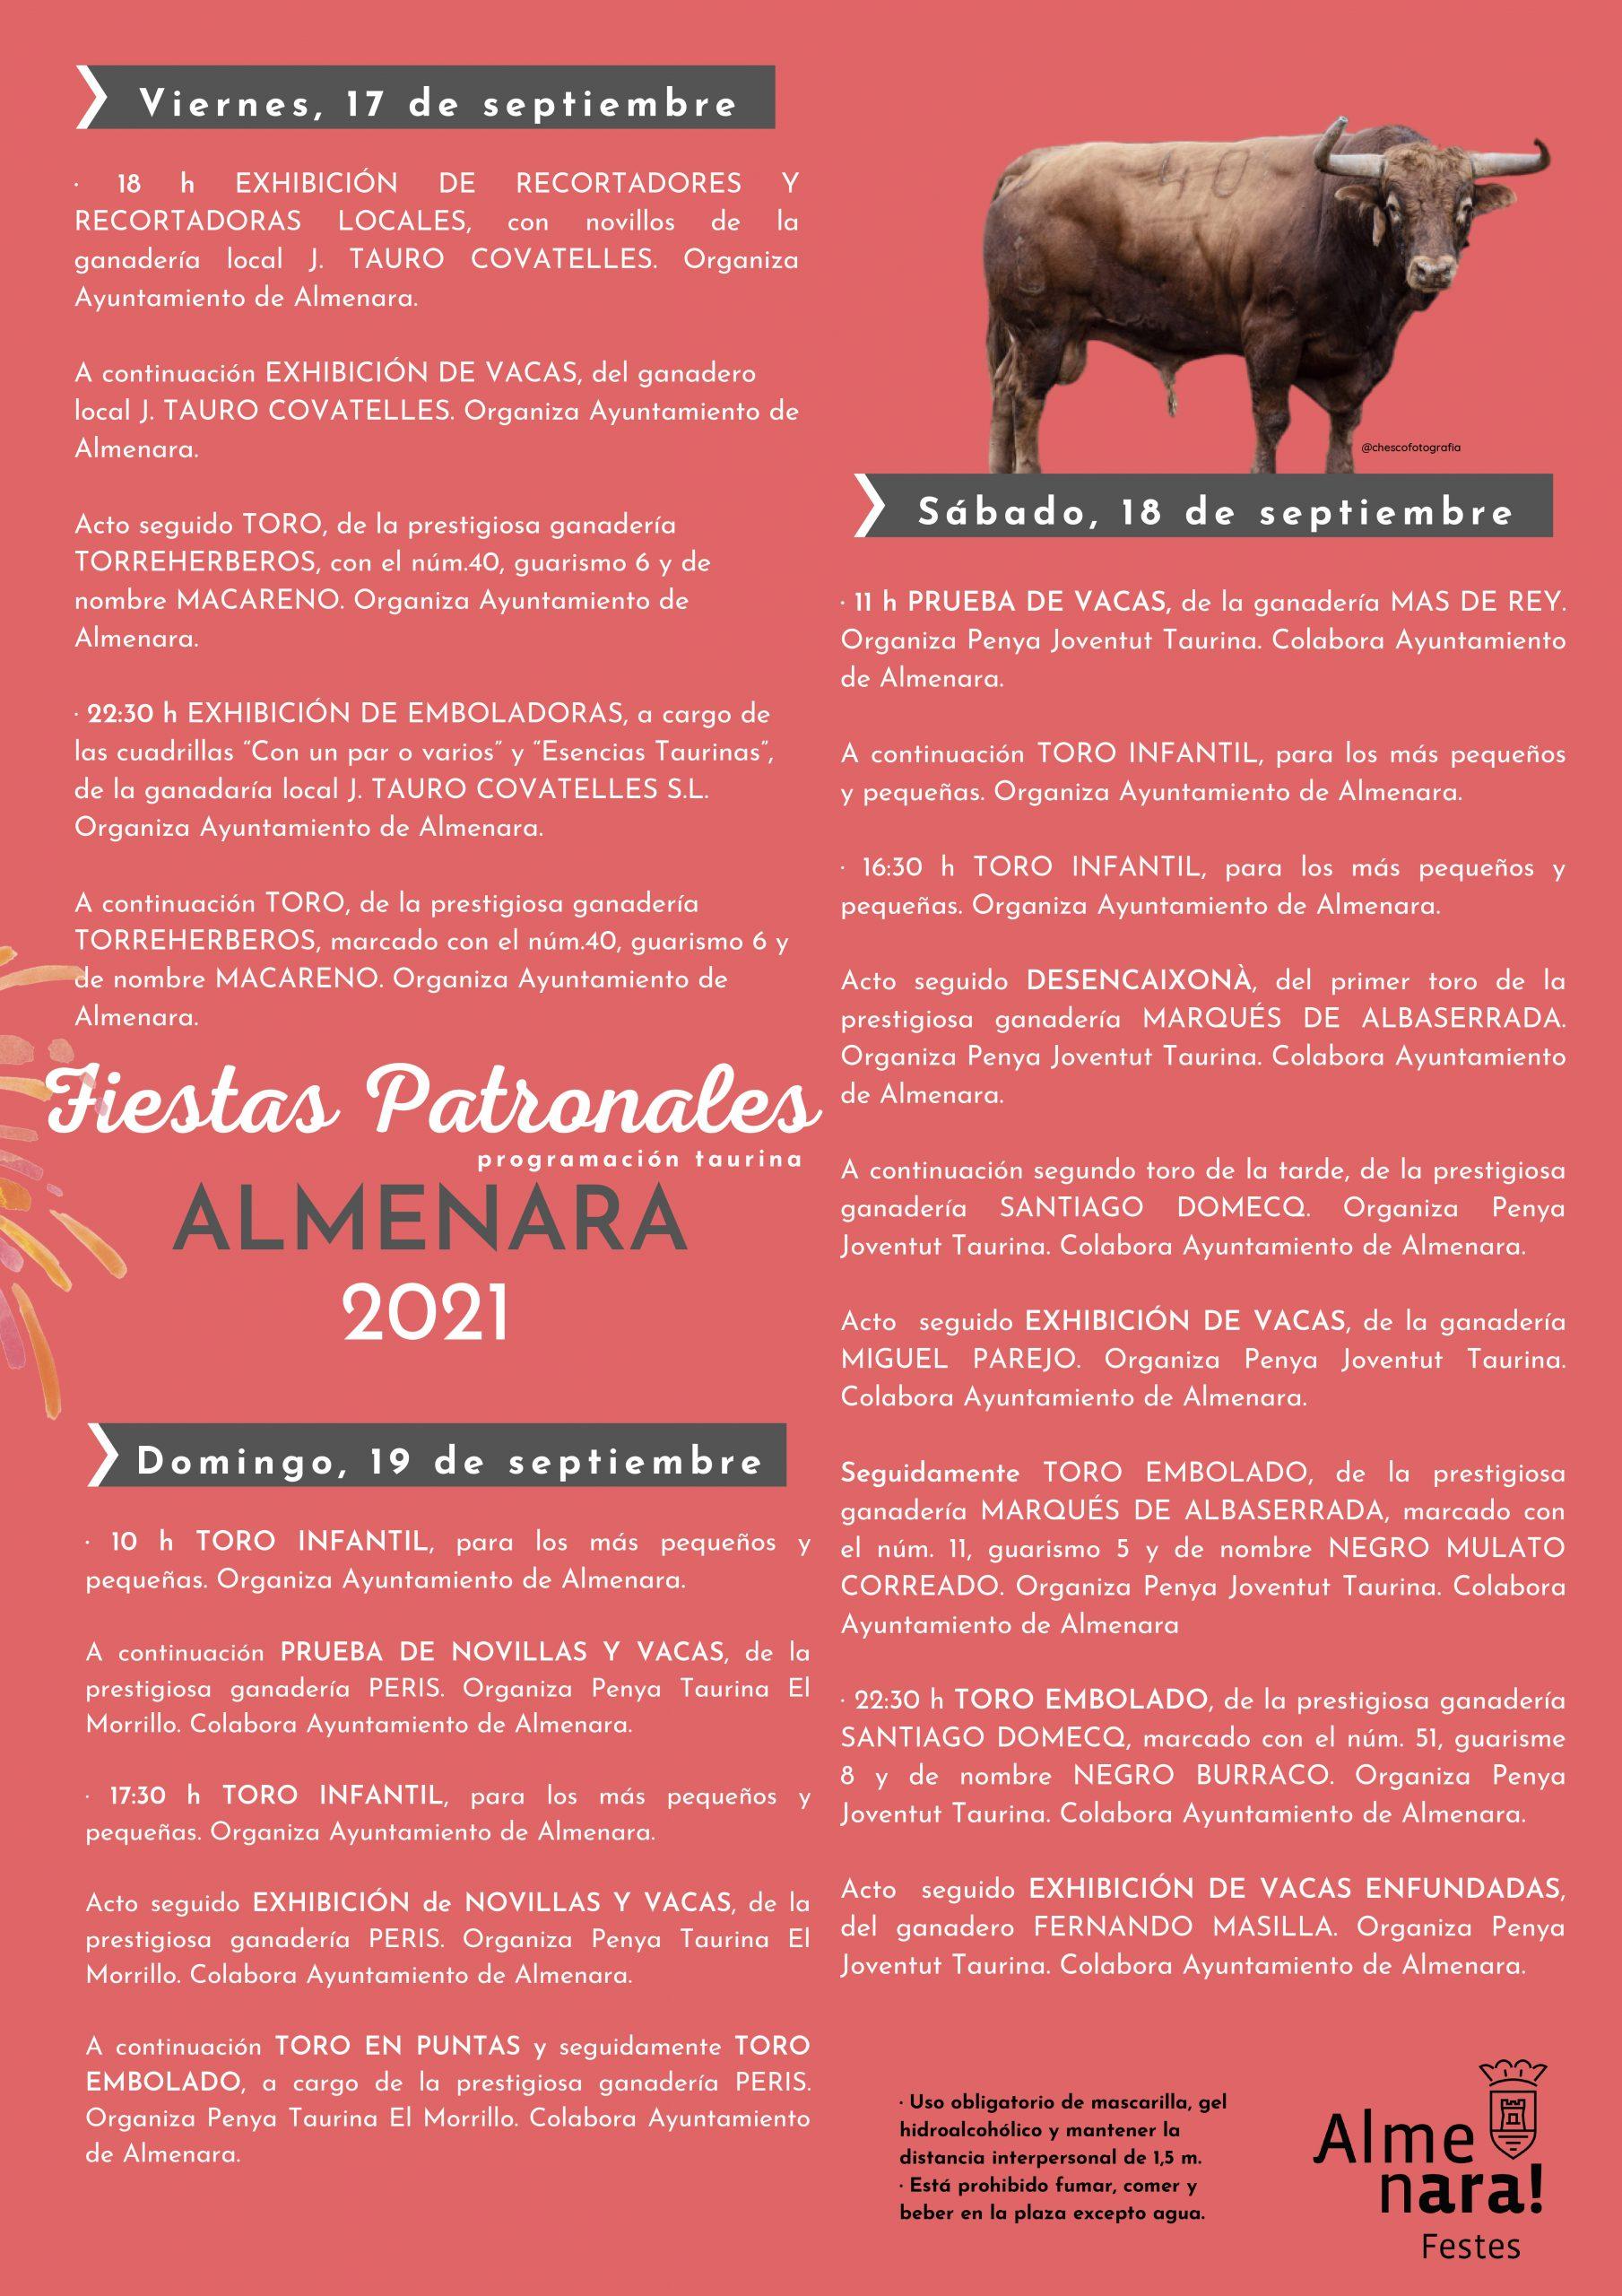 Almenara presenta el cartel de las exhibiciones taurinas de las fiestas patronales